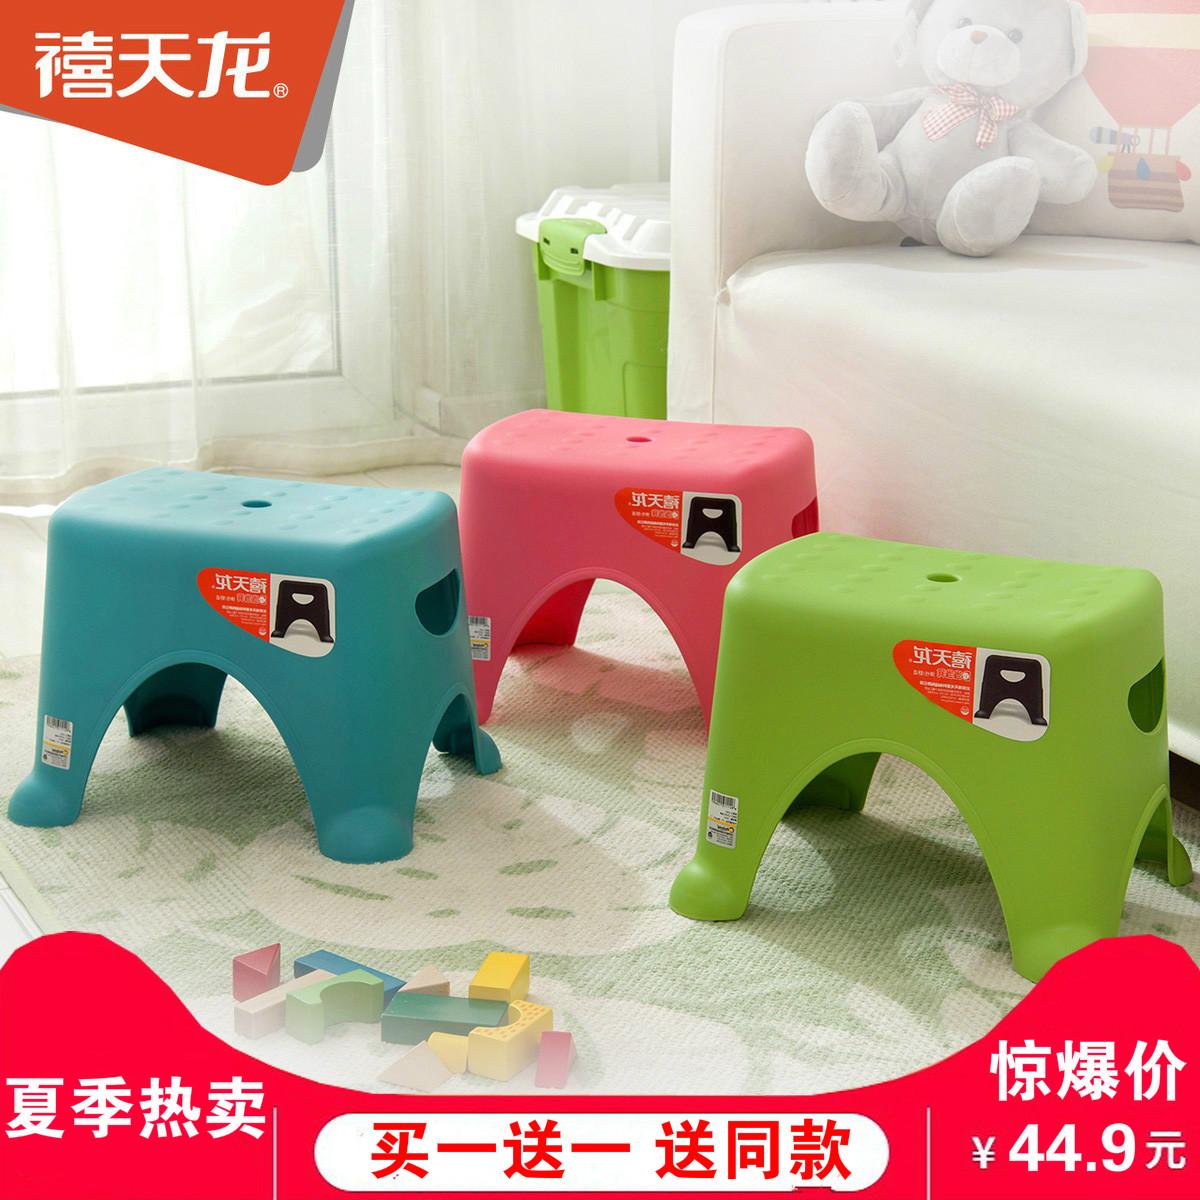 促销禧天龙2069/2068塑料卡通凳儿童换鞋凳当当凳子矮凳老人浴室